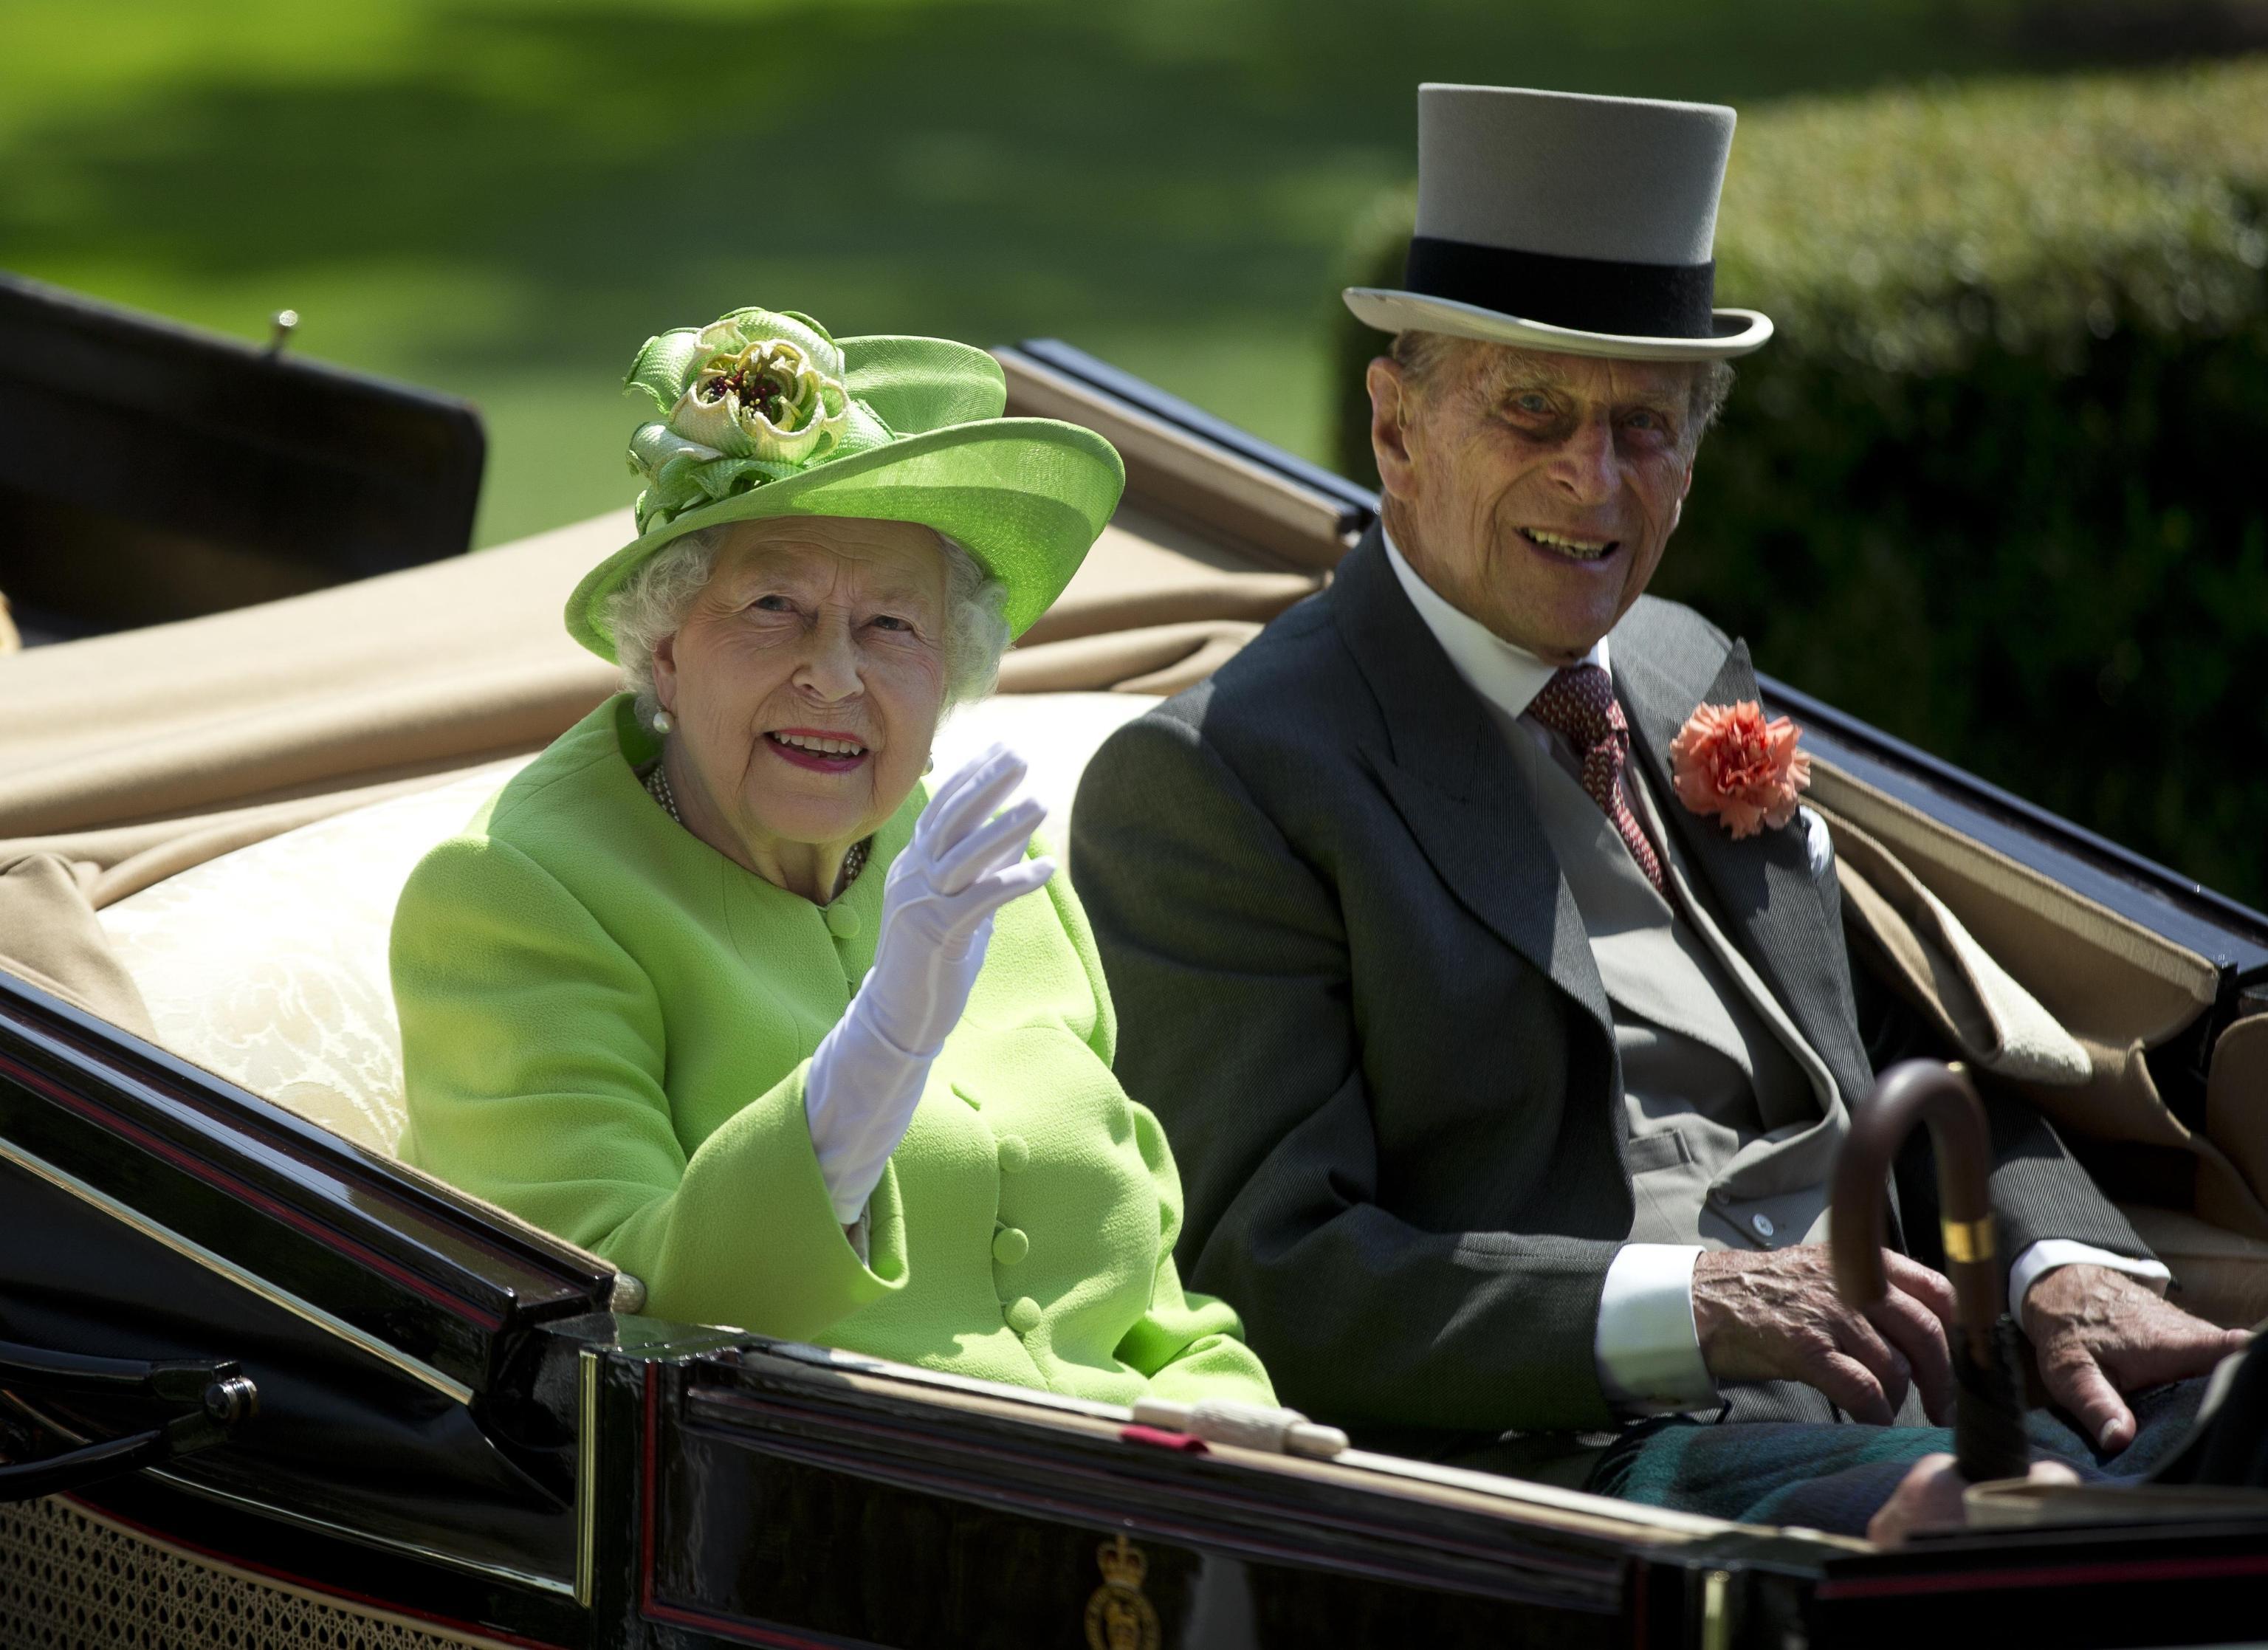 Principe Filippo ricoverato in ospedale, la Regina accompagnata dal figlio Carlo